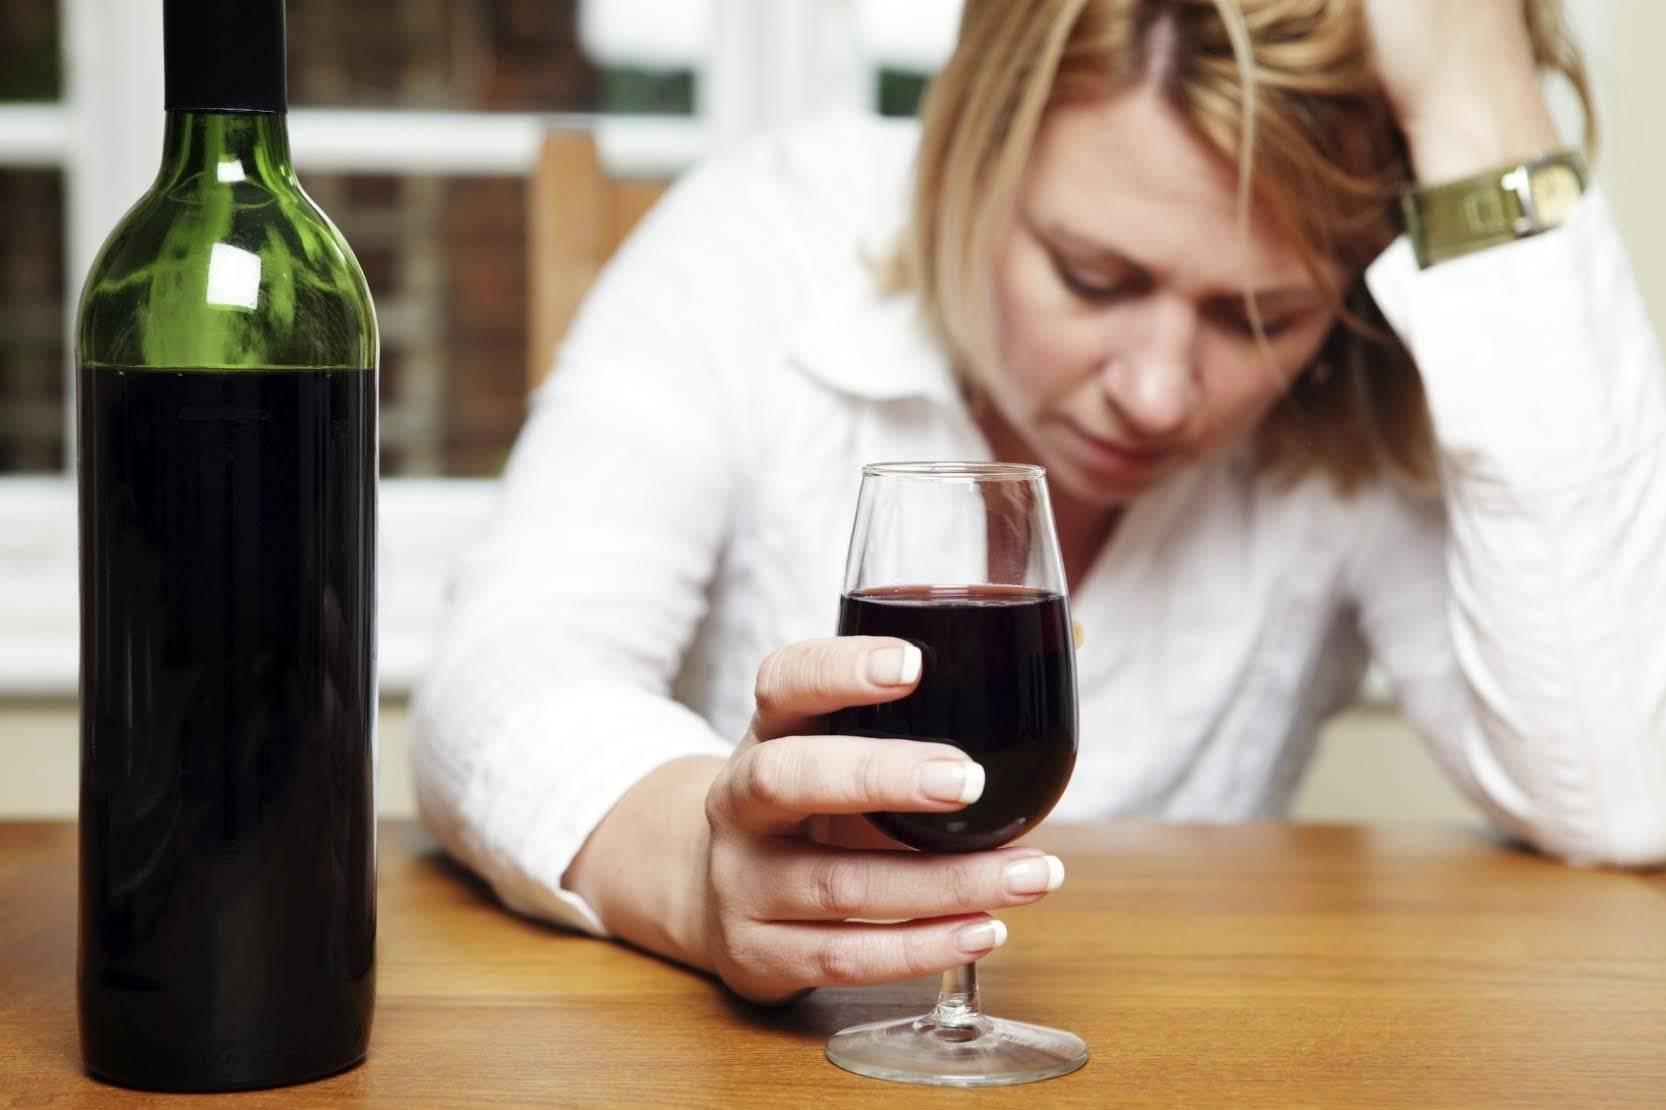 Депрессия после алкоголя – почему и что делать, сколько длится